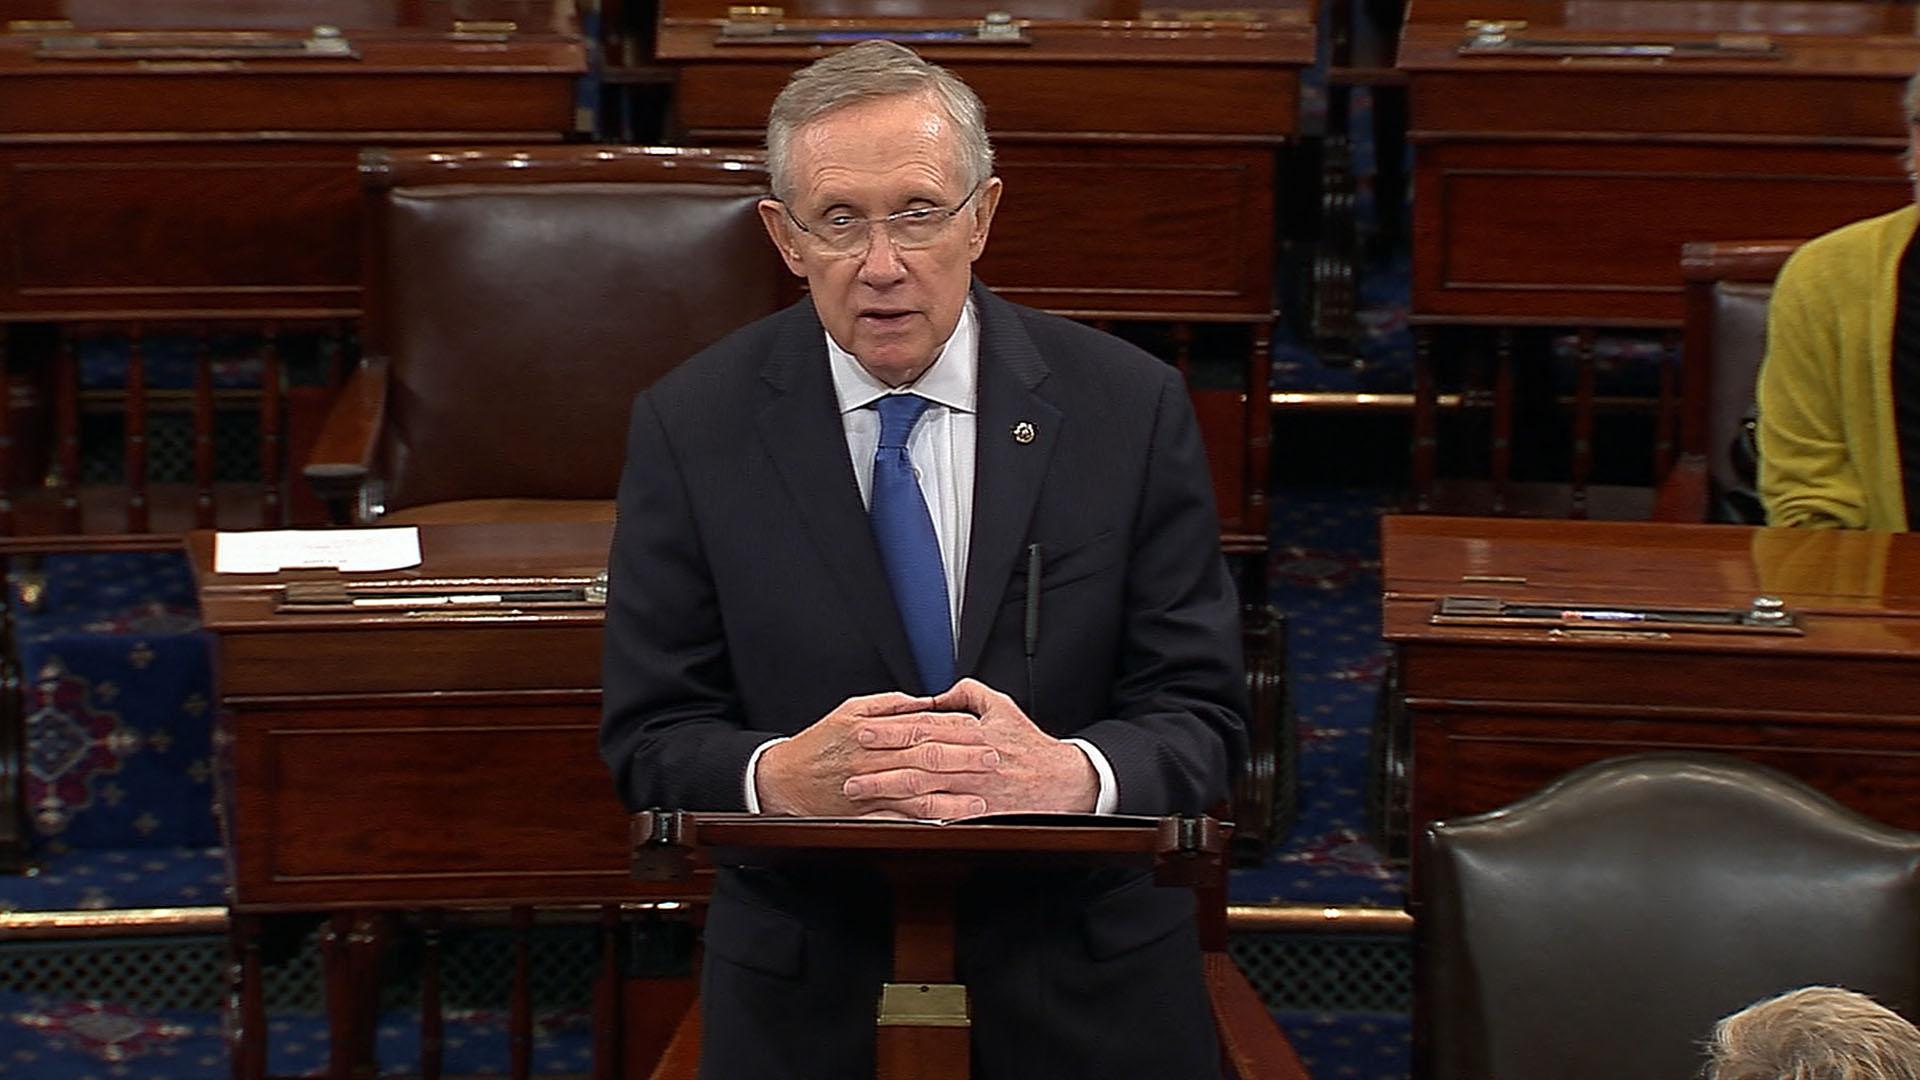 Senate leaders 'optimistic' on deal